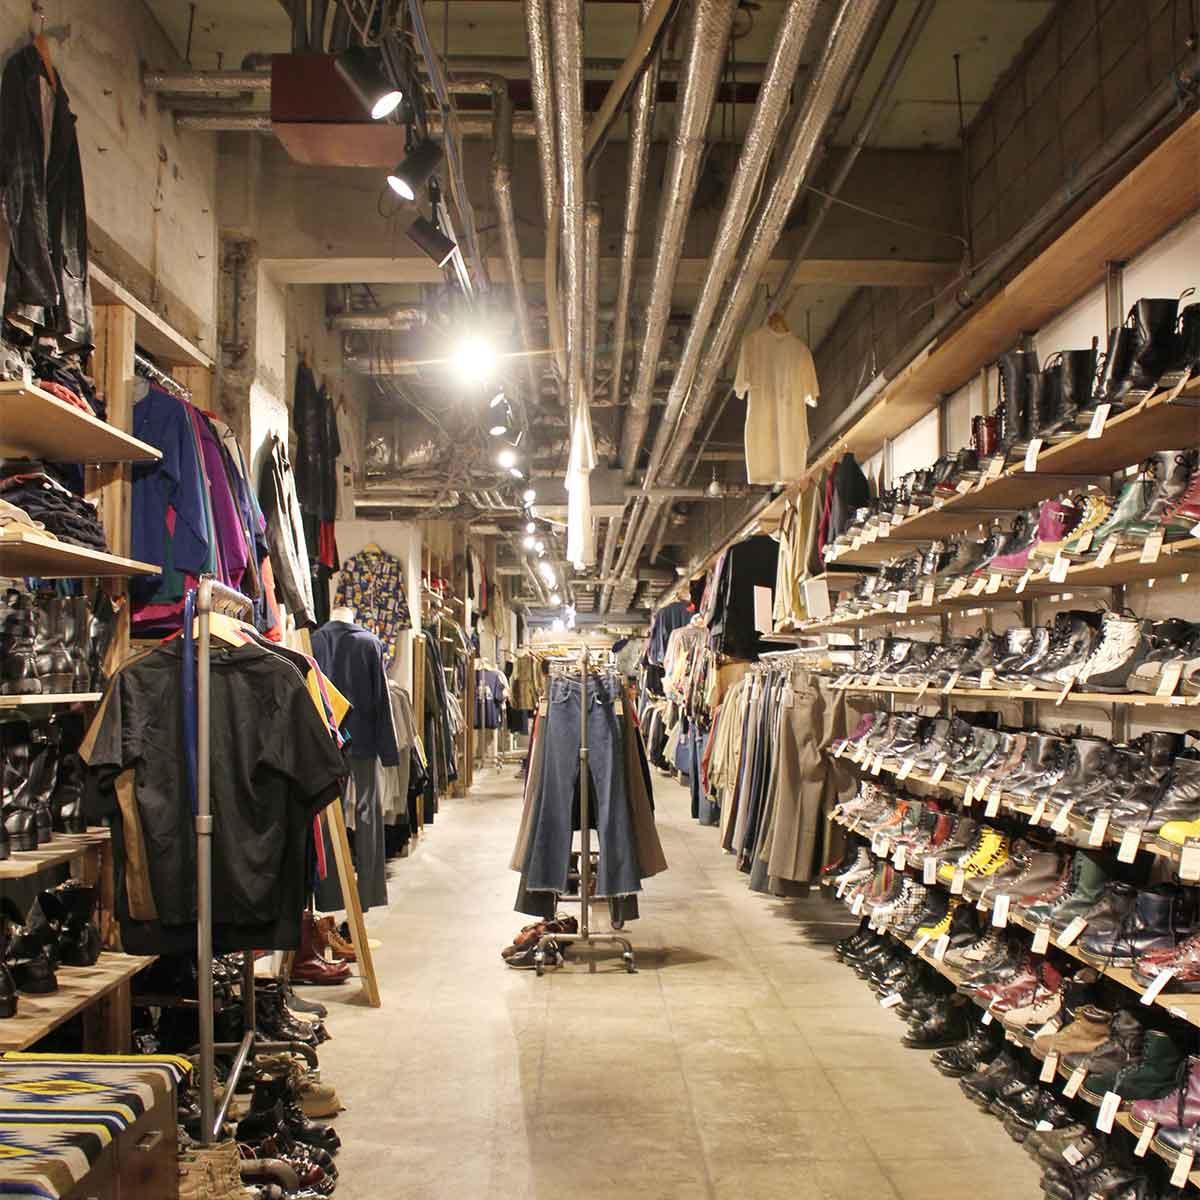 以前は複数の飲食店が入っていた広い空間。右に見えるは、同店の強みでもあるドクターマーチンのブーツ。壁一面に並ぶ